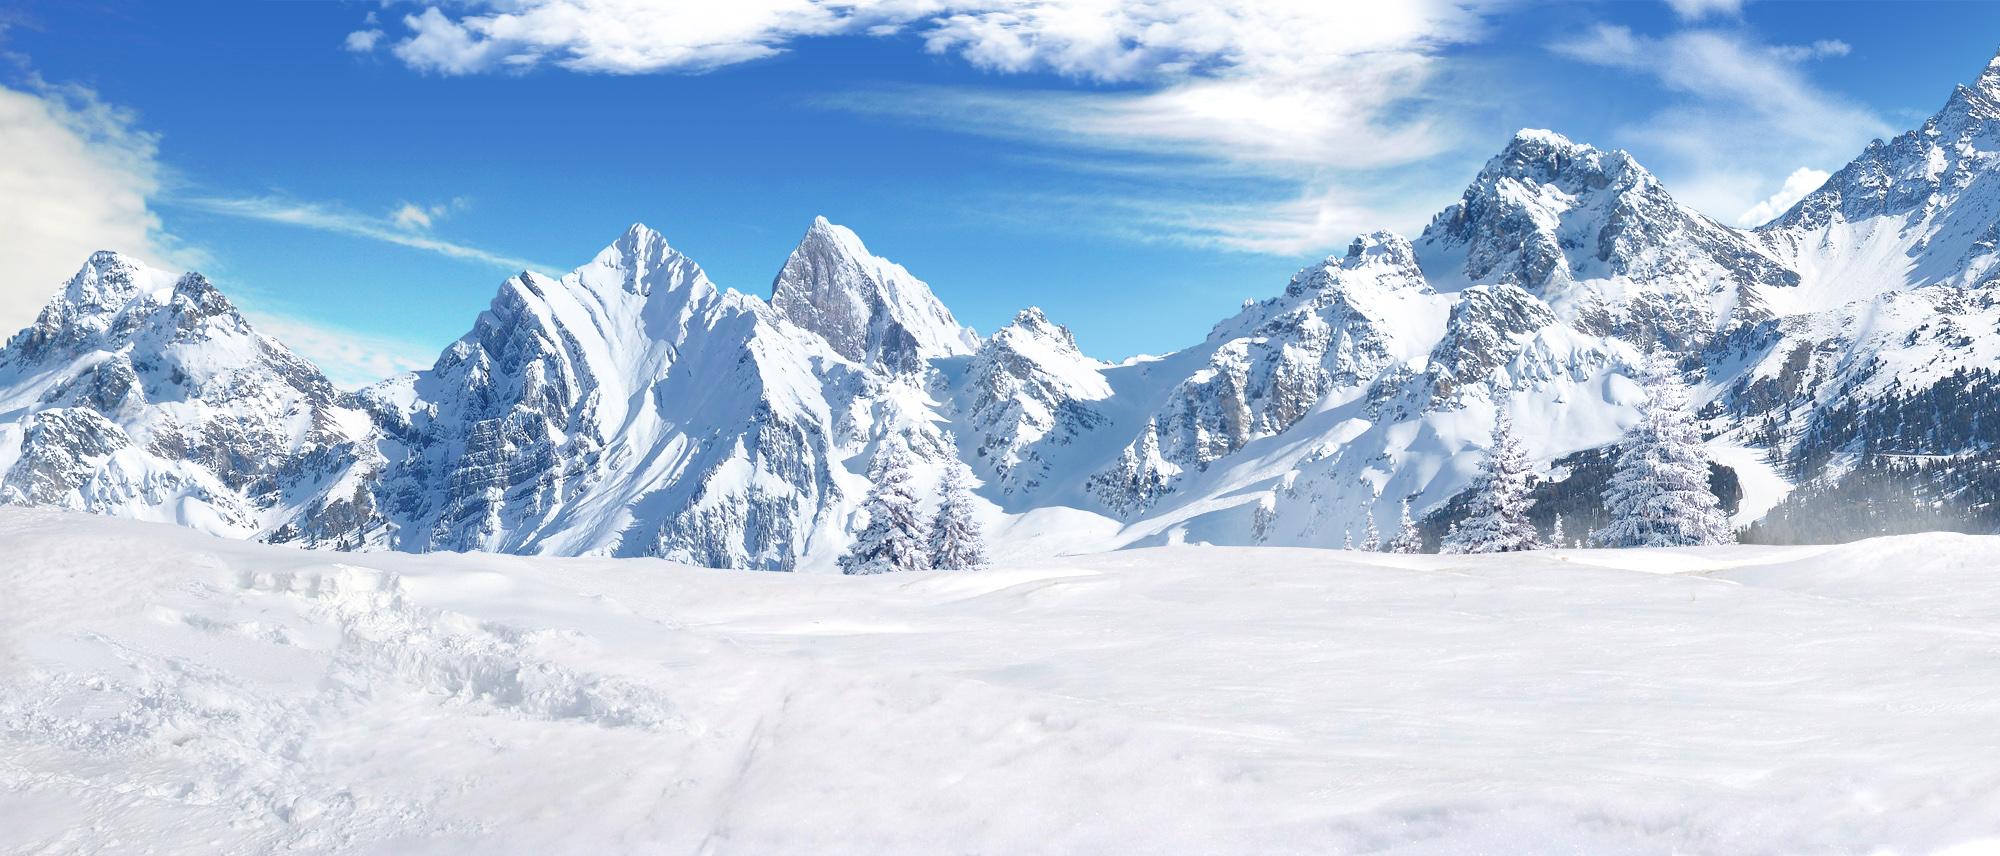 winter background by Palpatine 2000x856